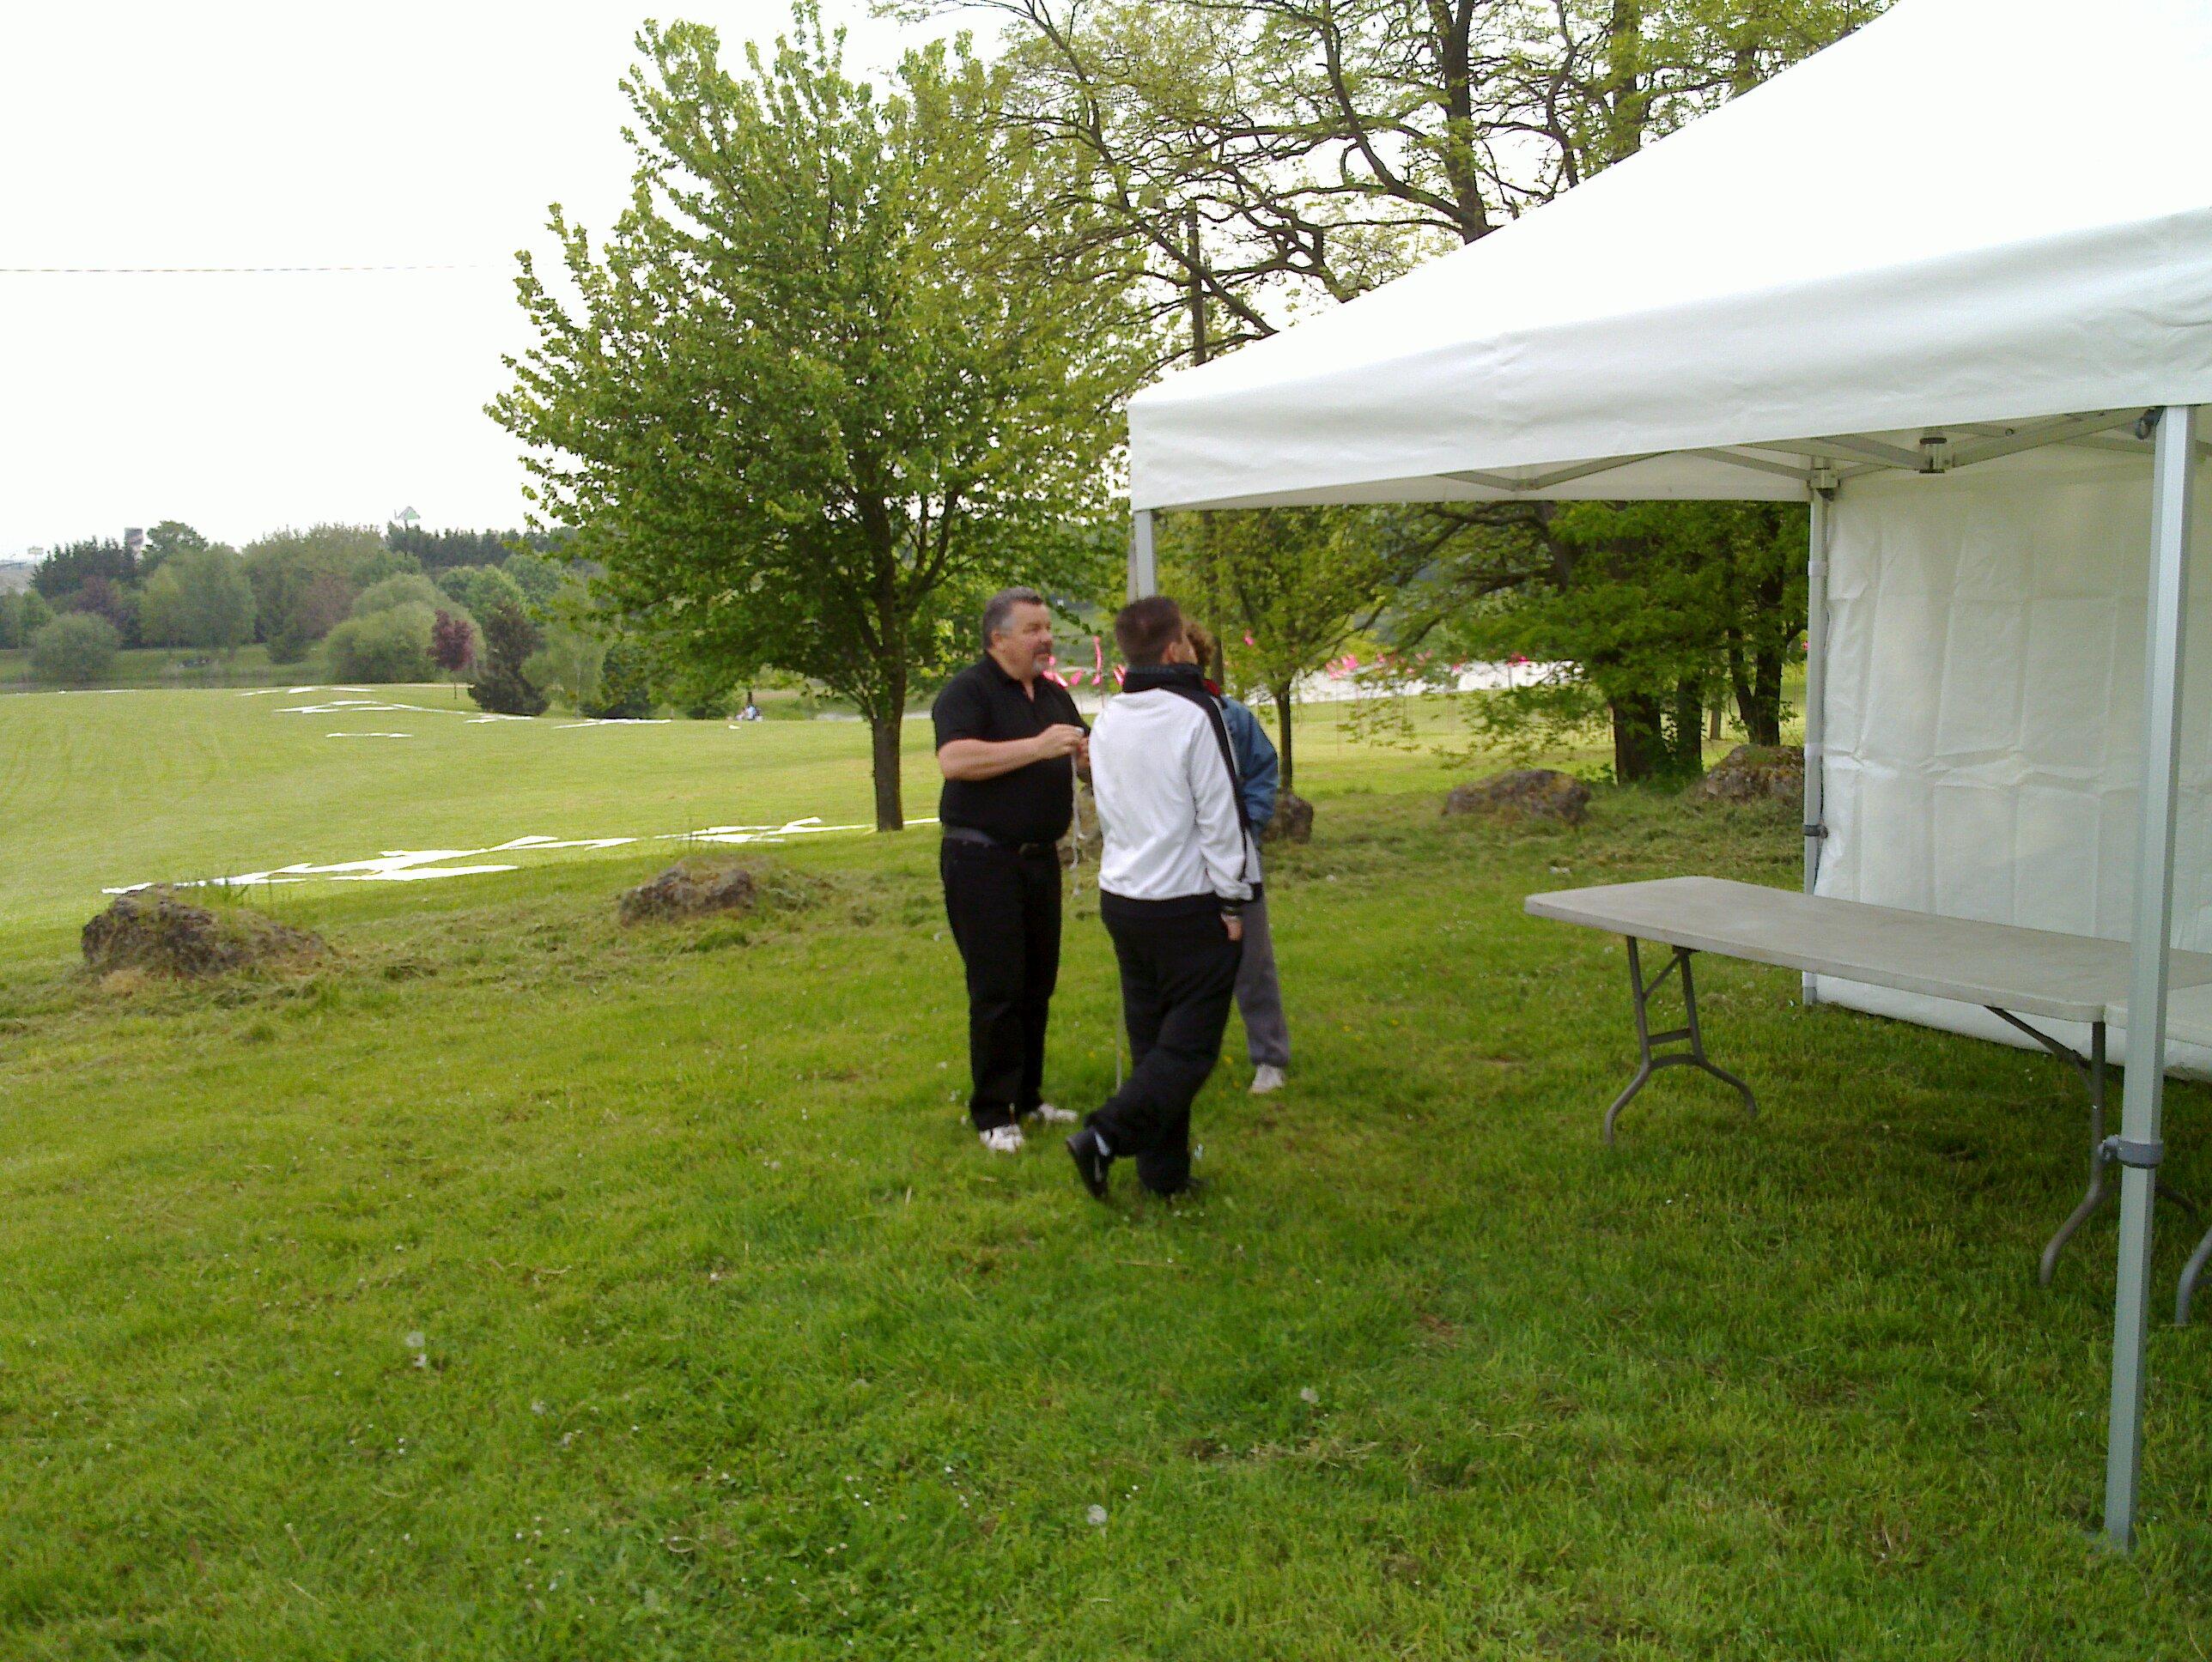 1ere journée 24h du cerf-volant BRie-comte-Robert 2013